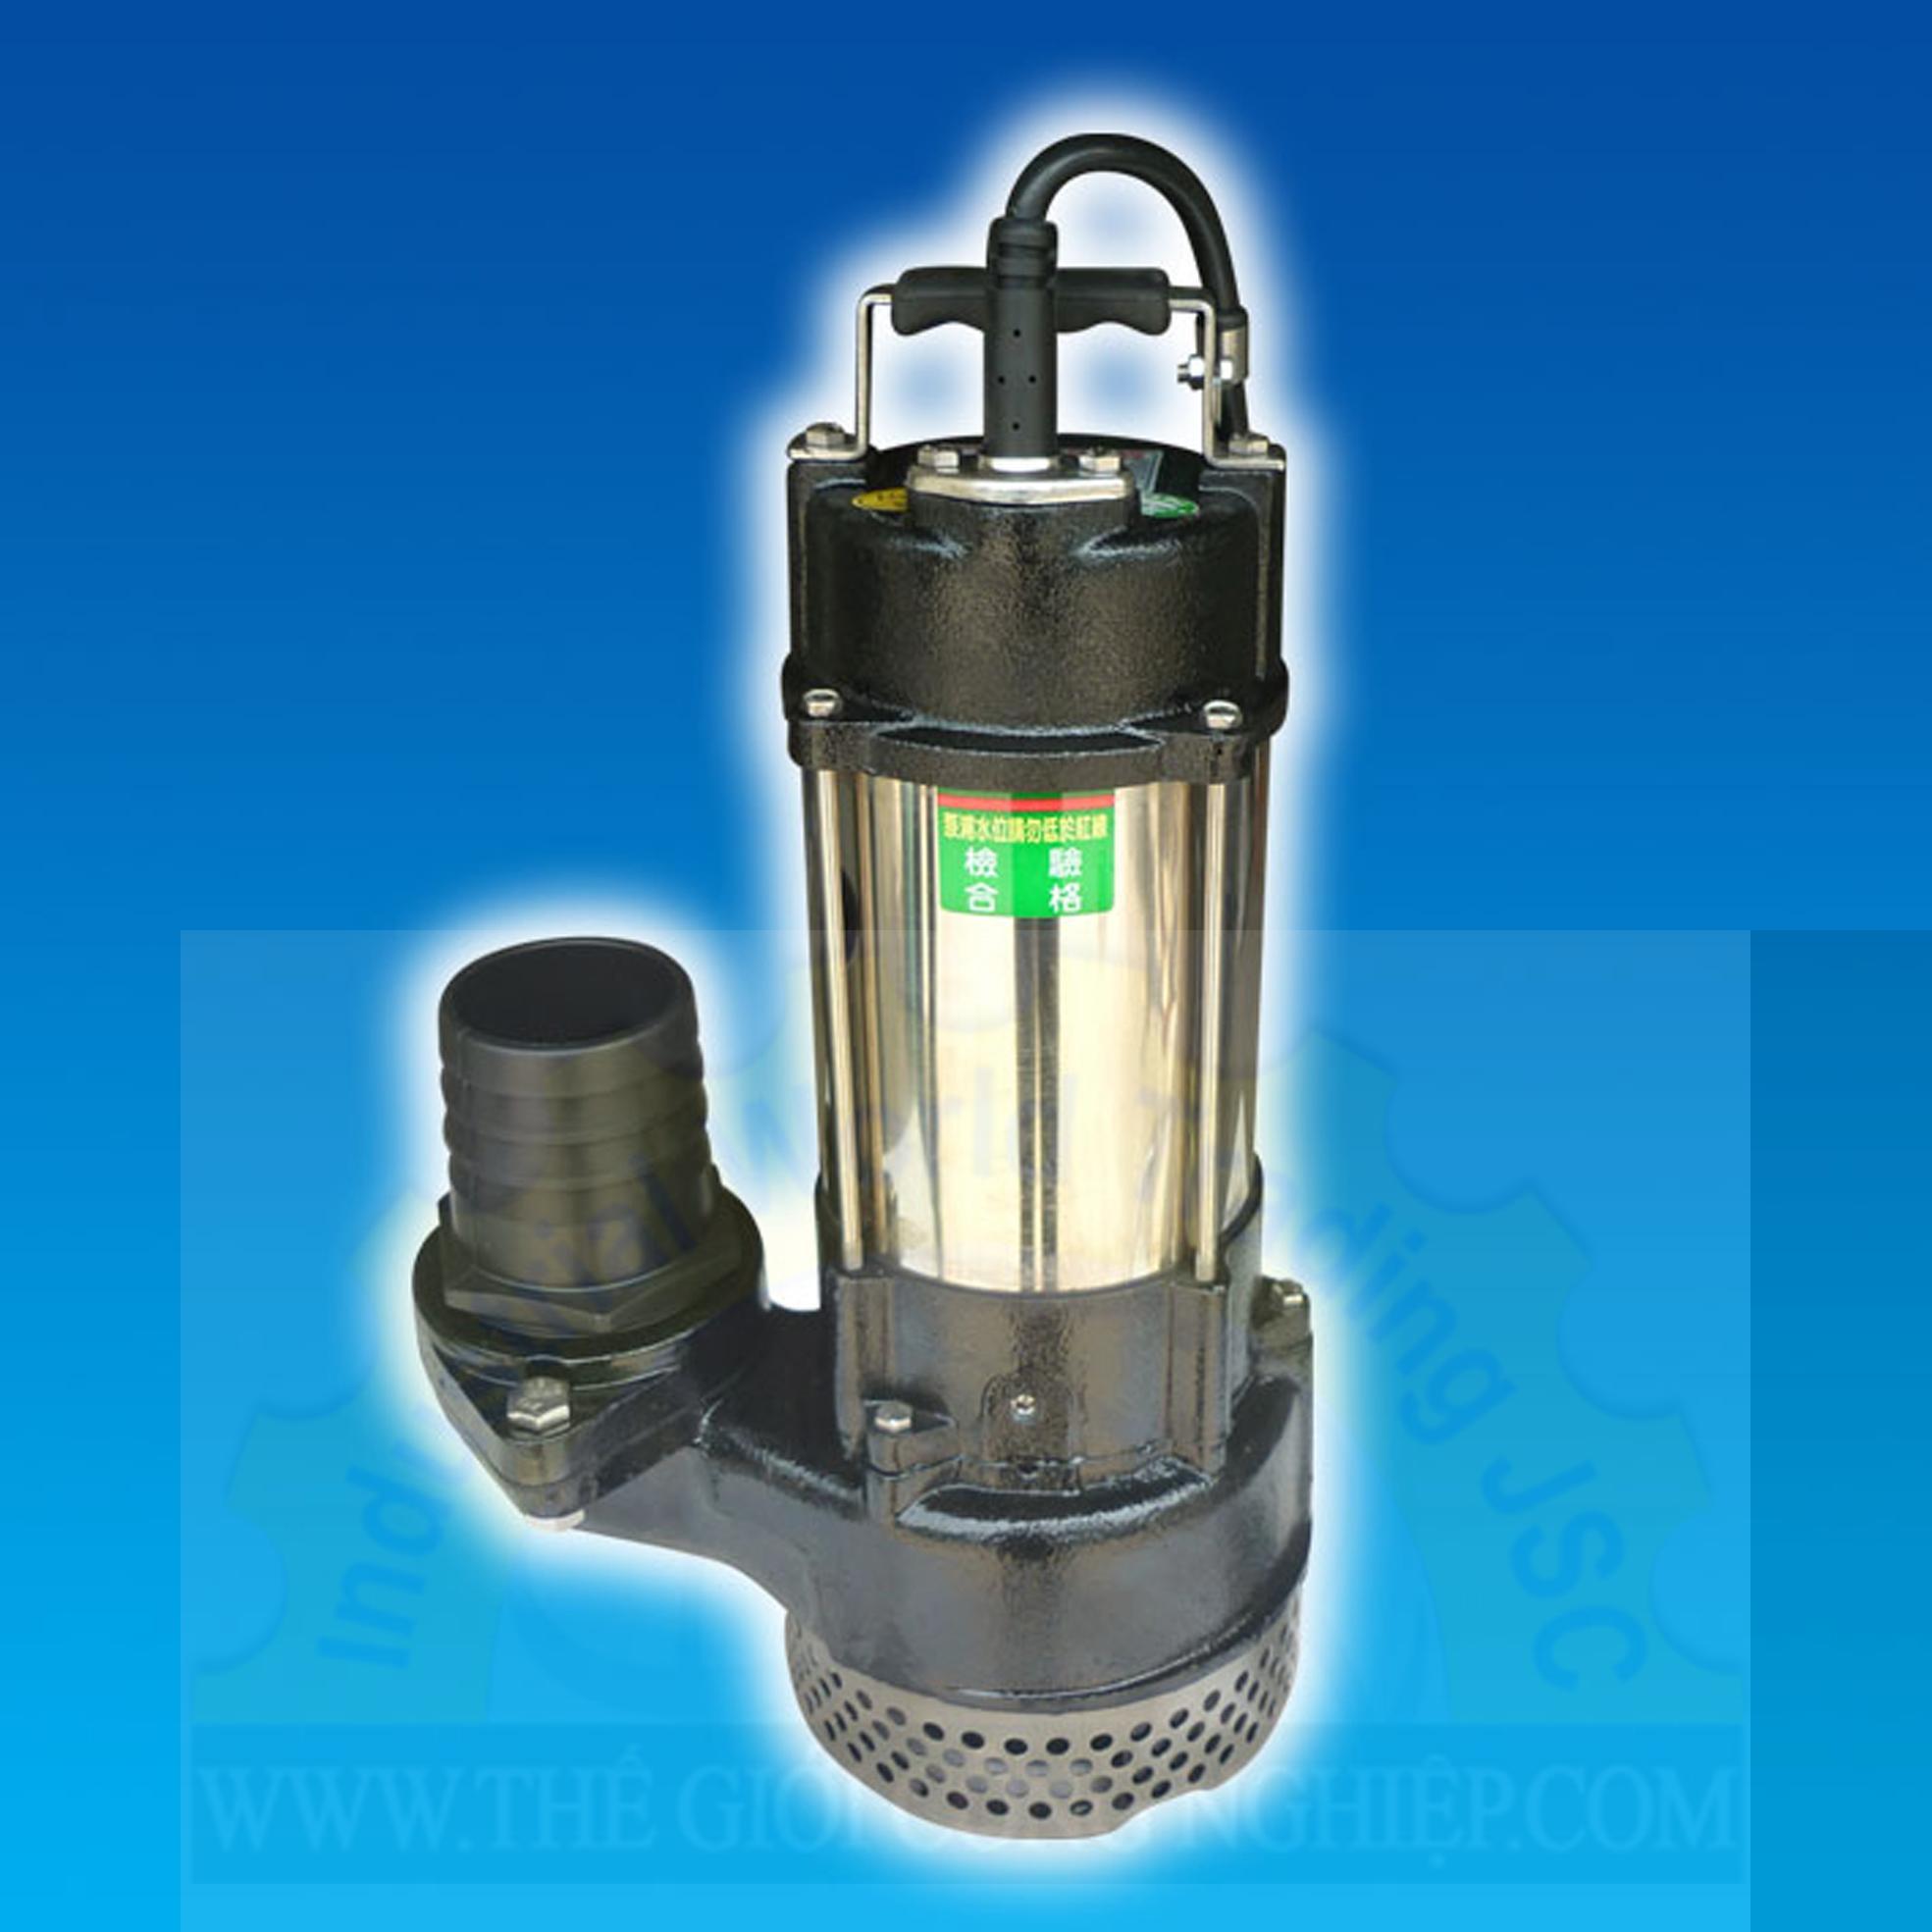 Bơm chìm hút nước thải HSM280-11.5 26 NationPump